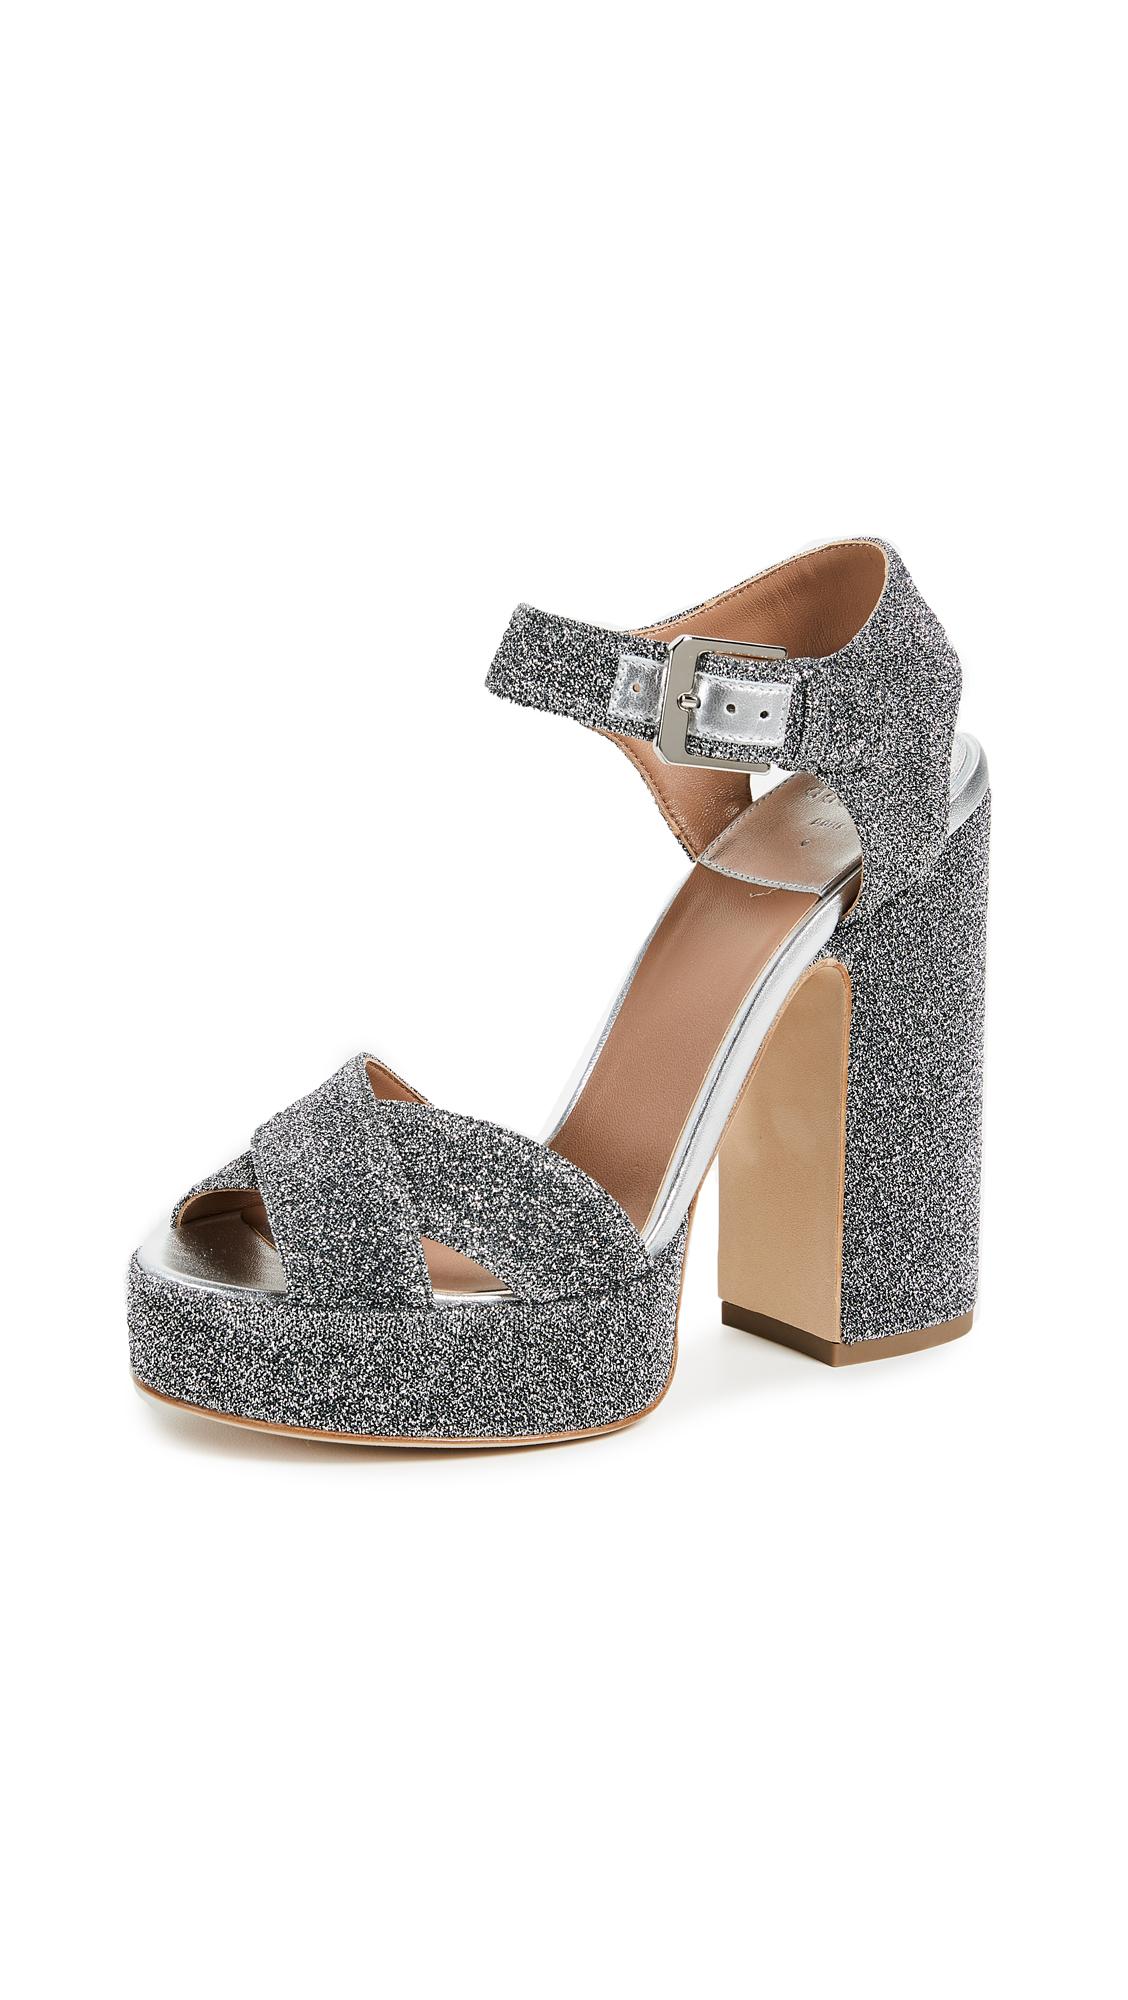 Laurence Dacade Rosange Platform Sandals - Silver